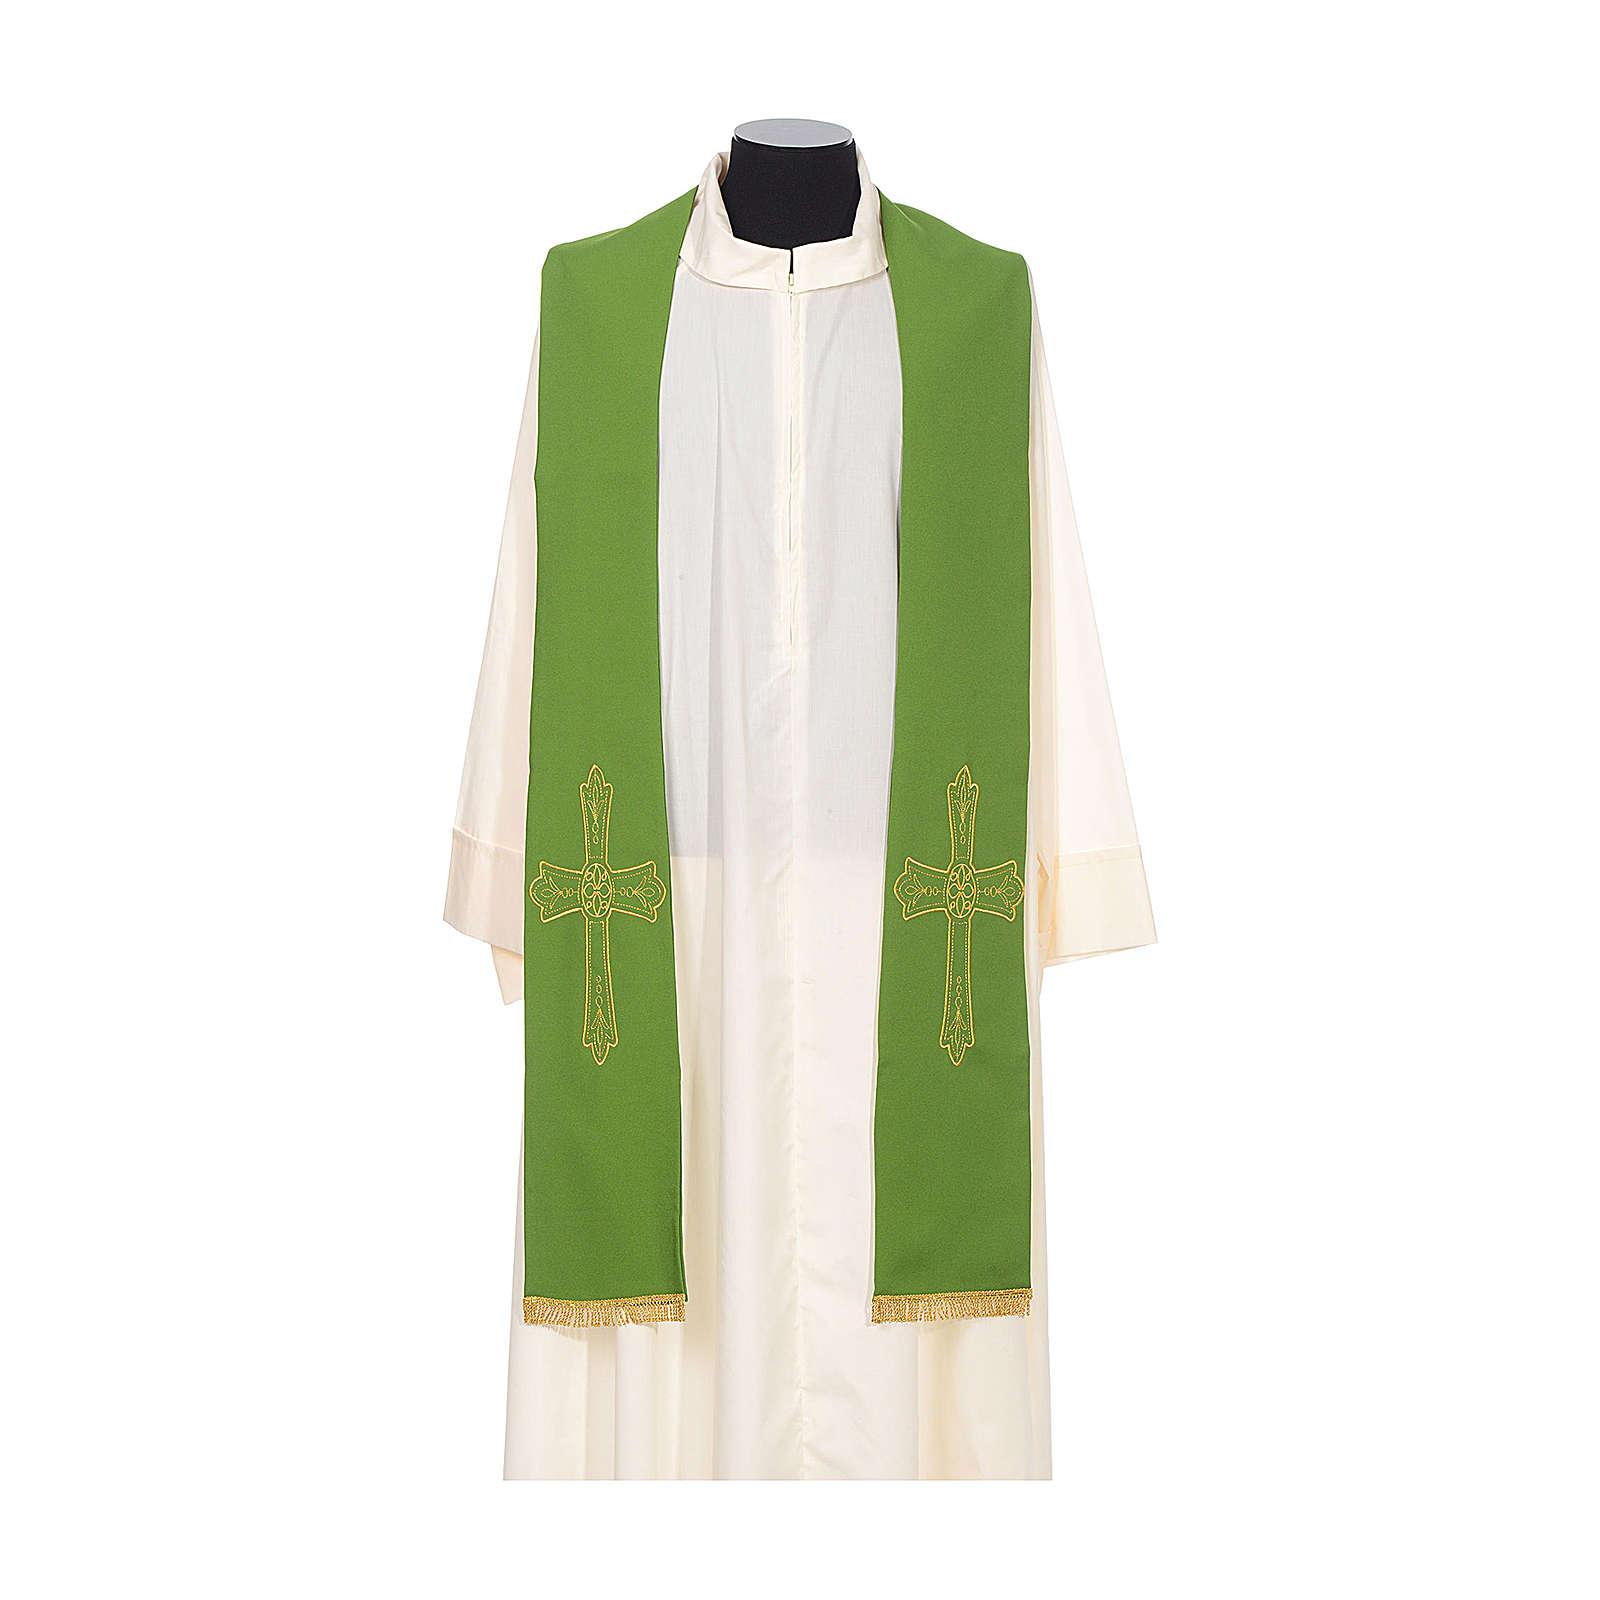 Étole prêtre broderie dorée croix sur deux côtés polyester 4